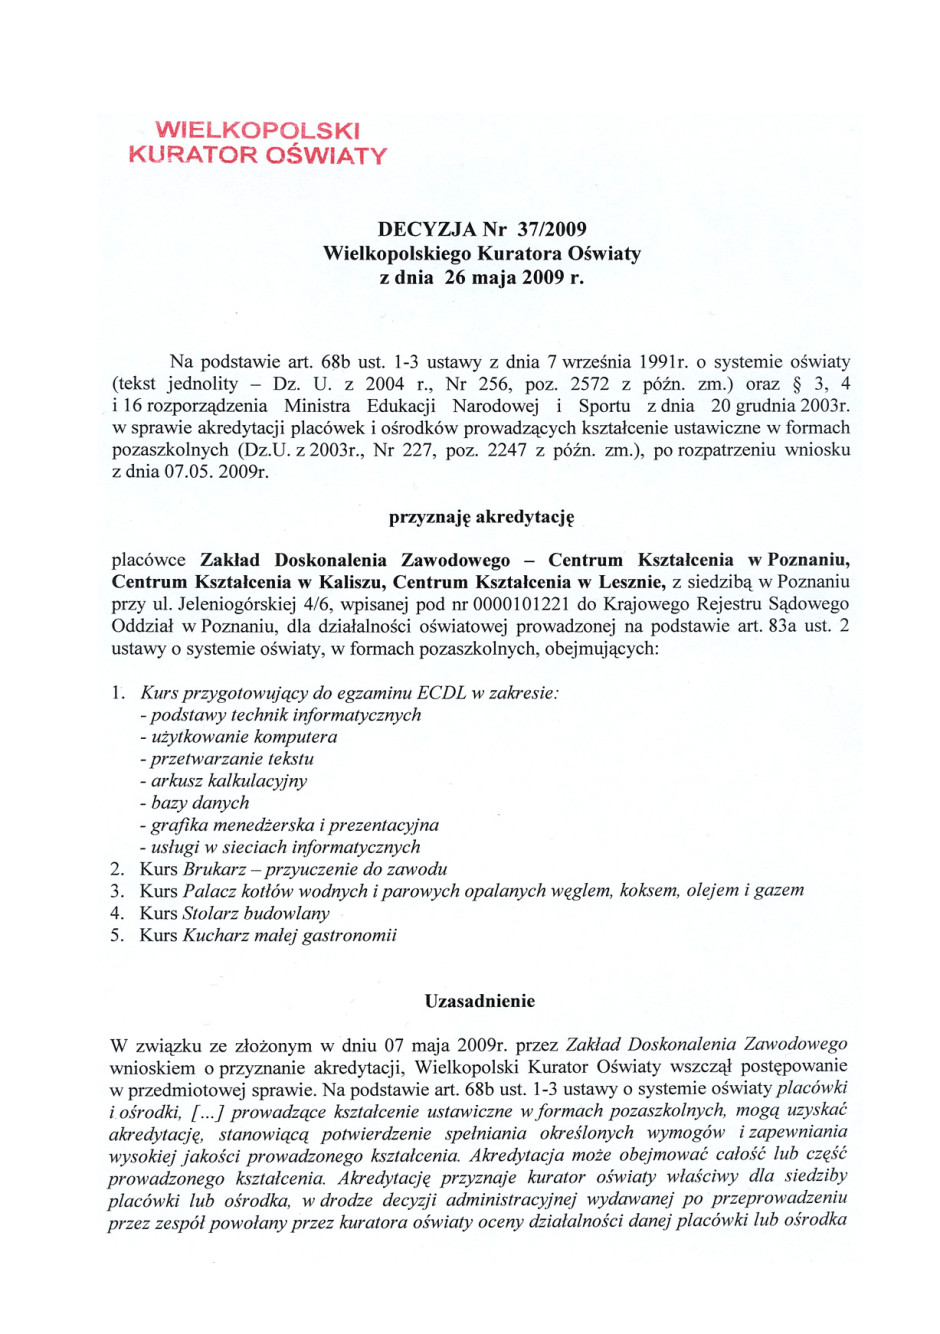 Akredytacja Wielkopolskiego Kuratora Oświaty